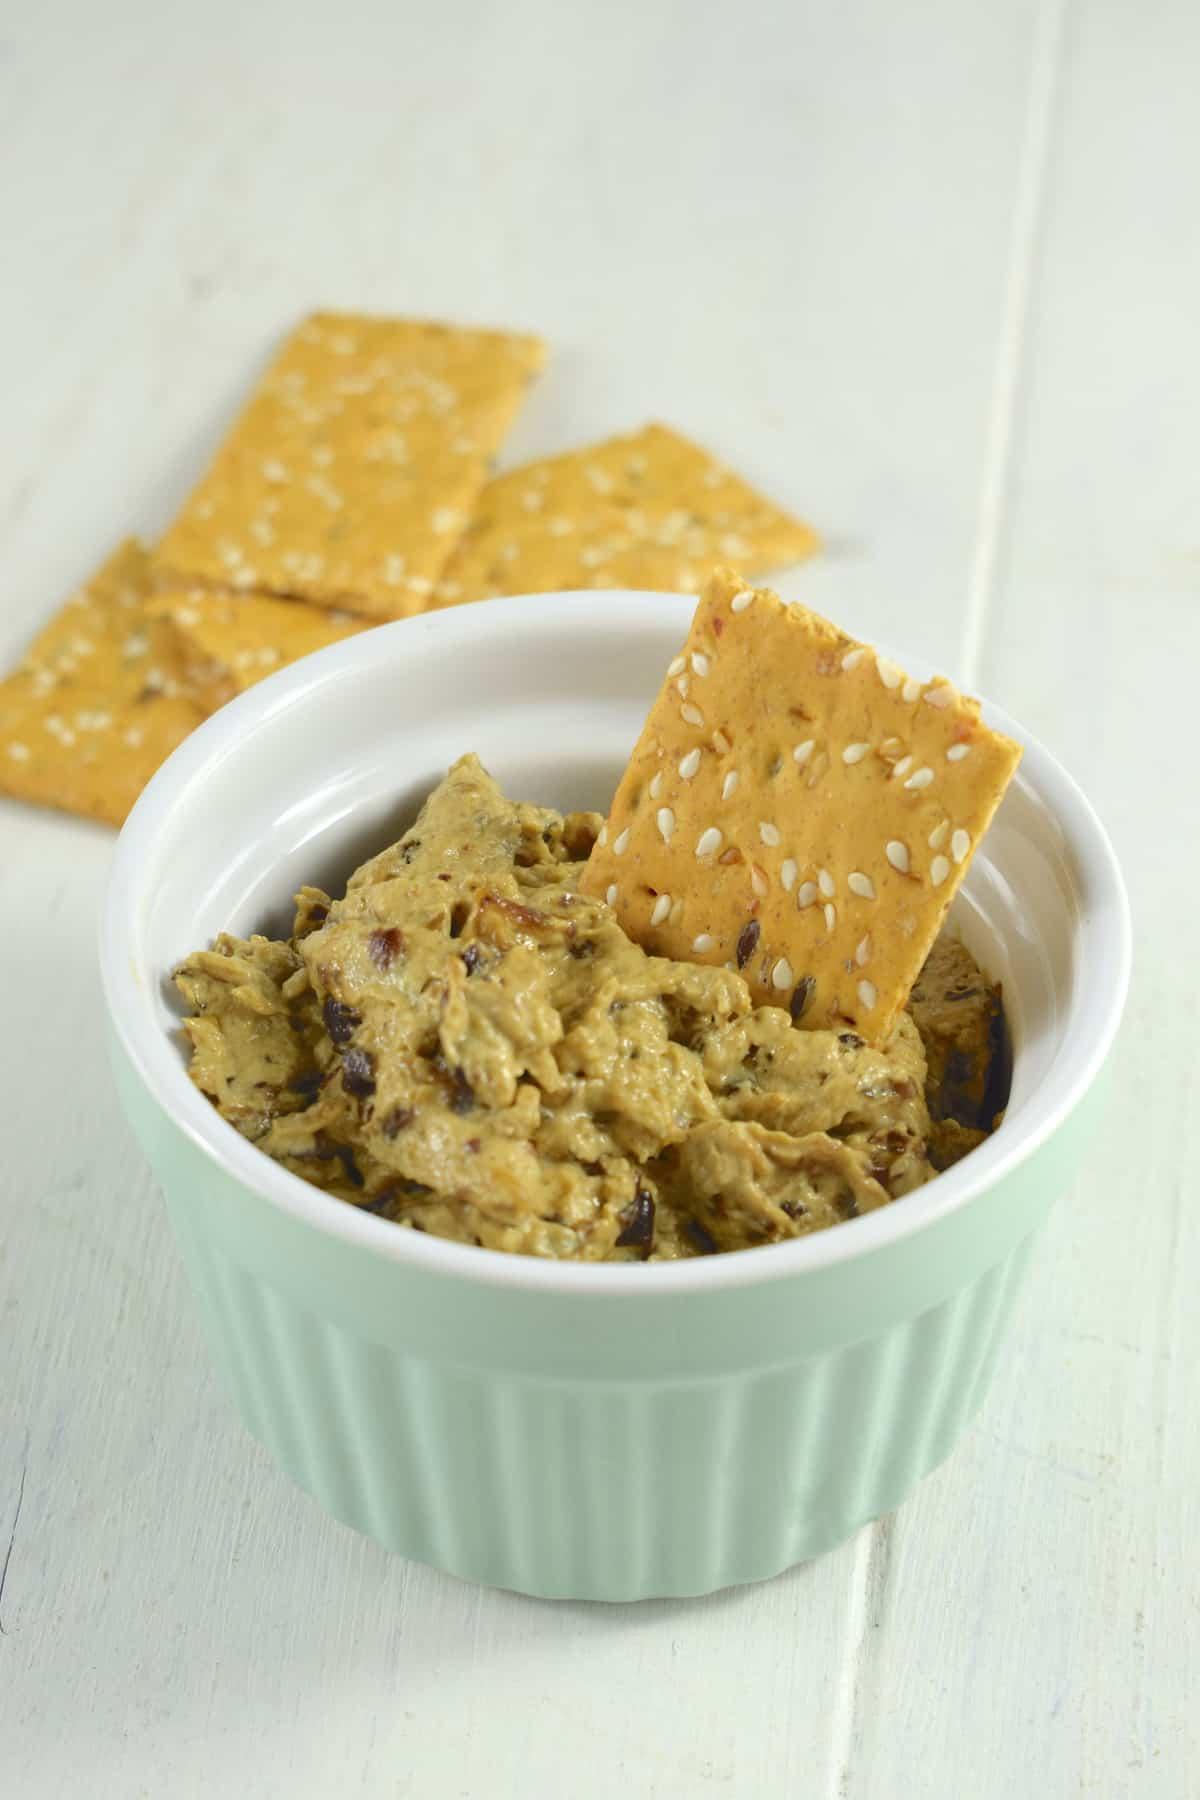 Pflaumen-Curry-Dip aus dem Thermomix® – Foto: Nicole Stroschein